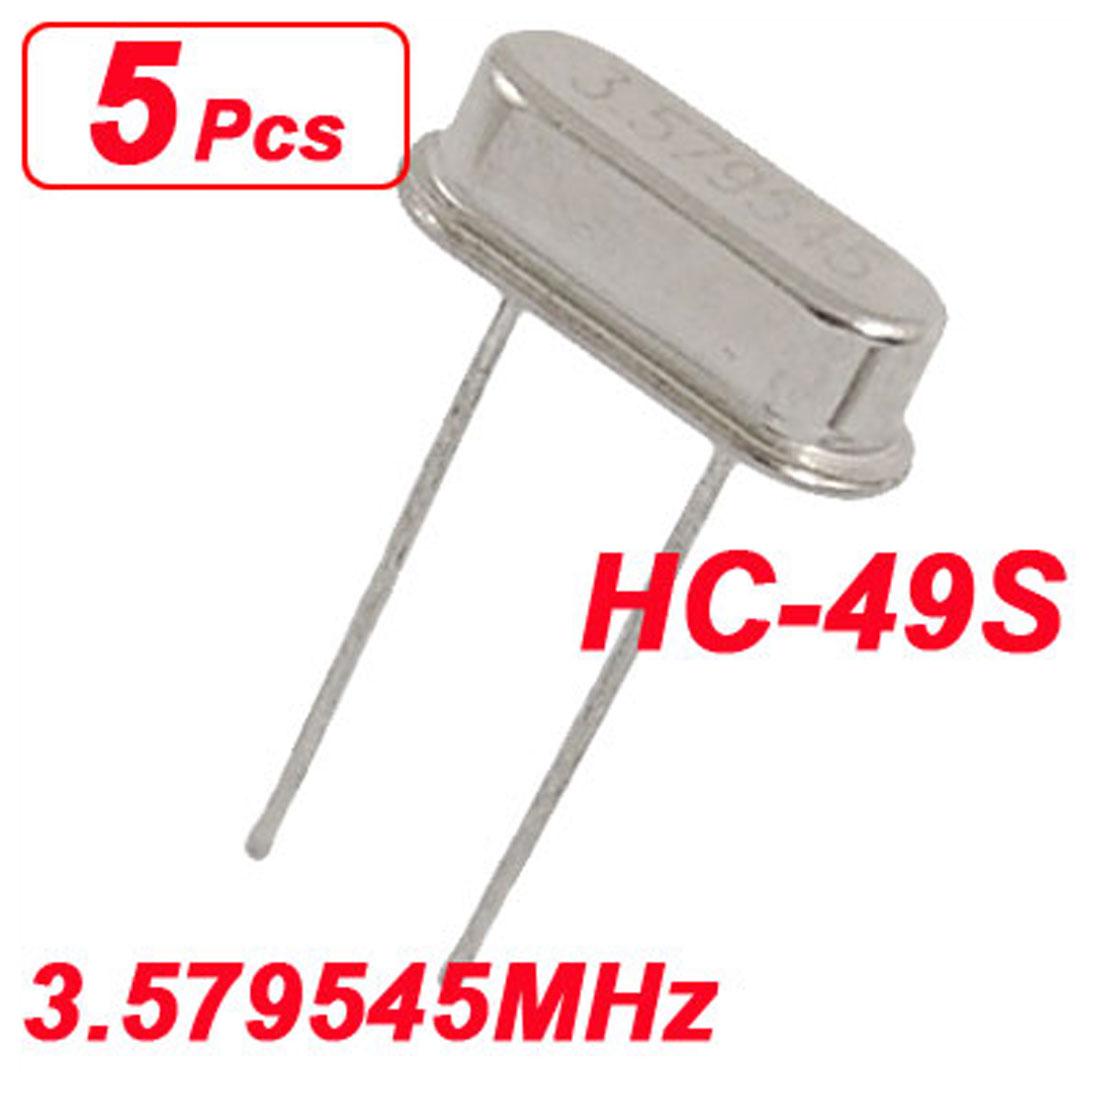 5 x 3.579545MHz 3.579545 MHz Crystal Oscillator HC-49S